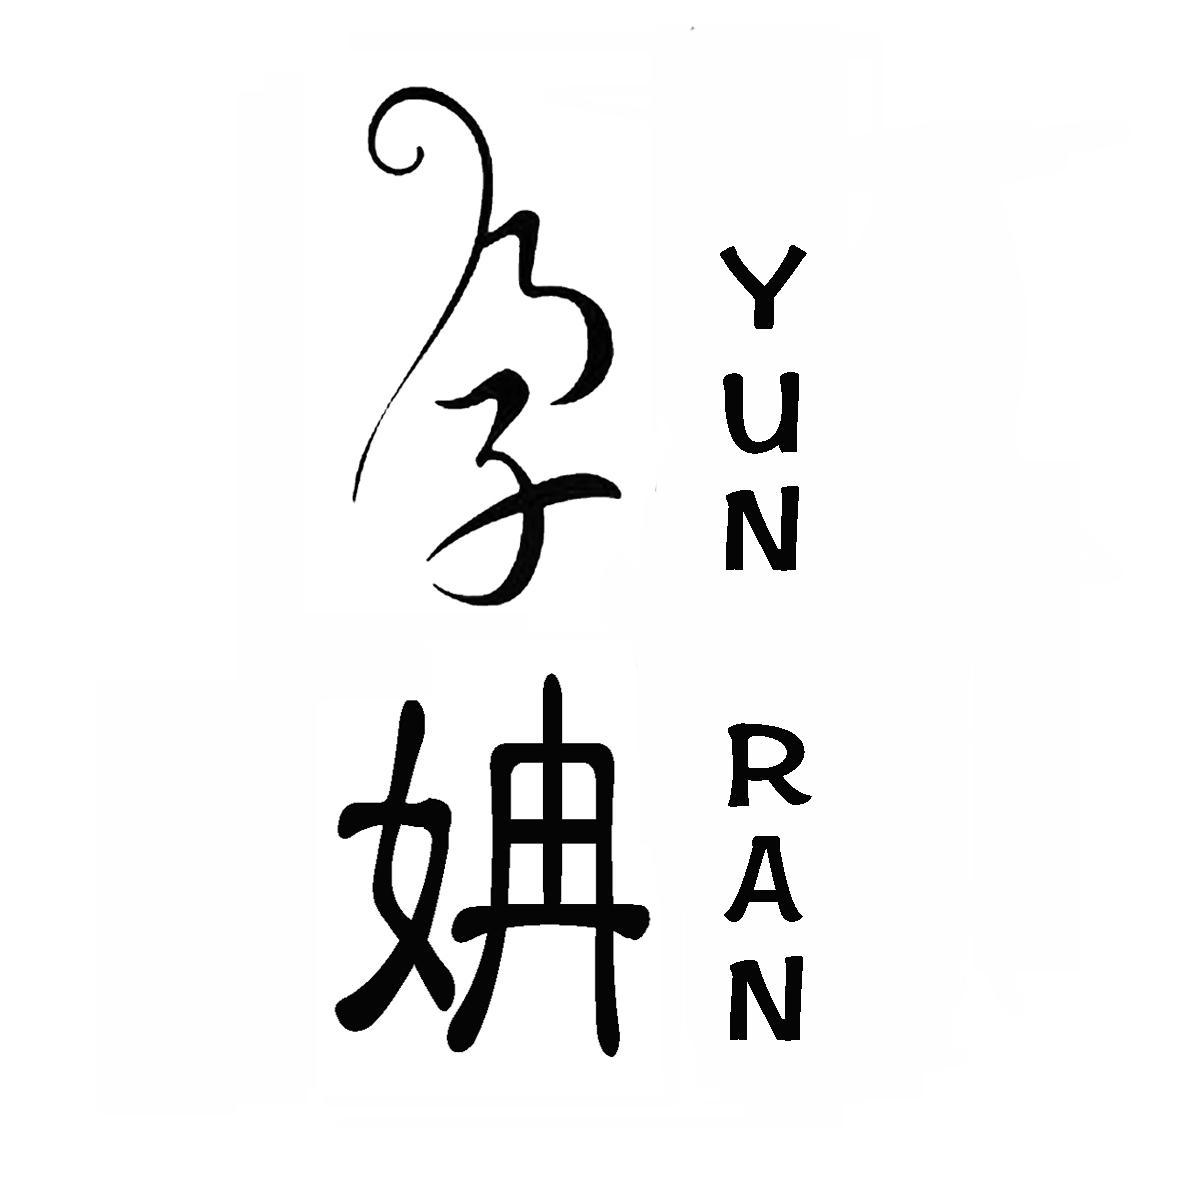 孕姌yunran